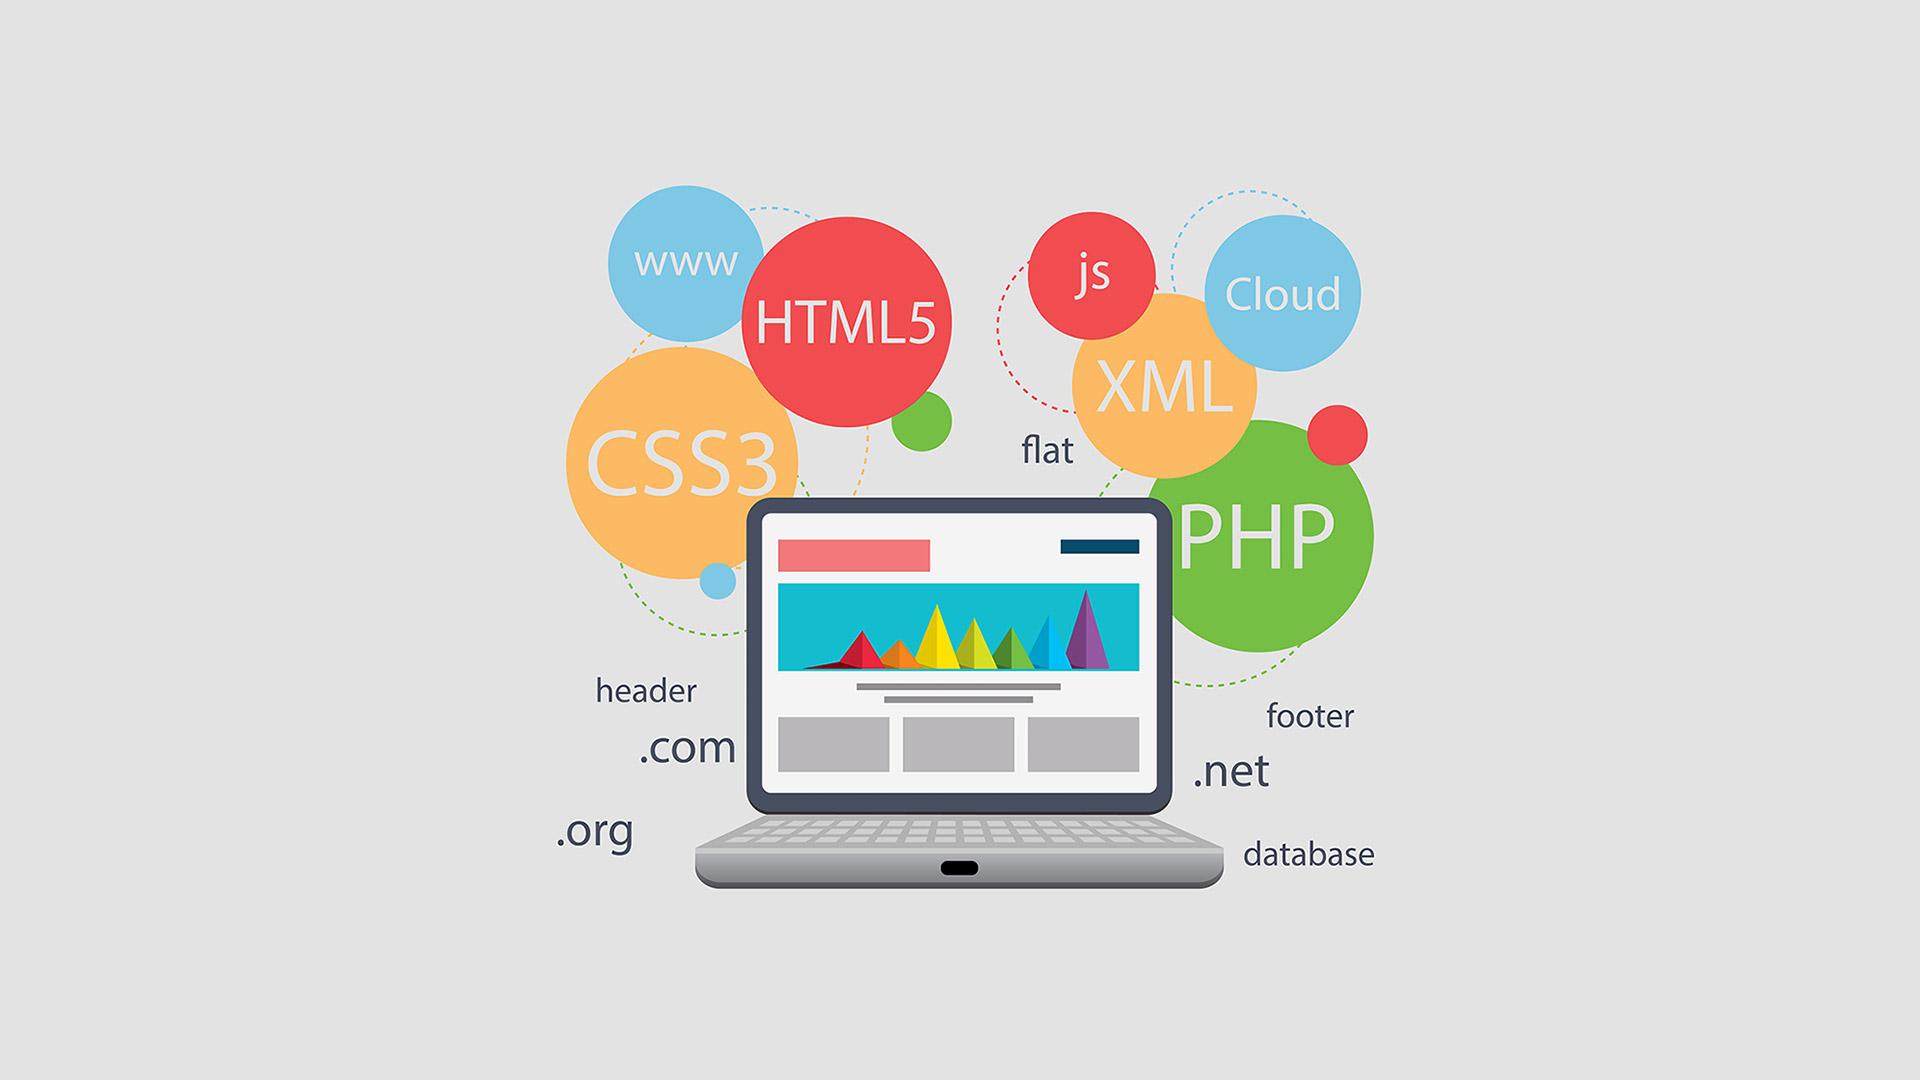 densenvolvendo sites responsivos limites de tamanho